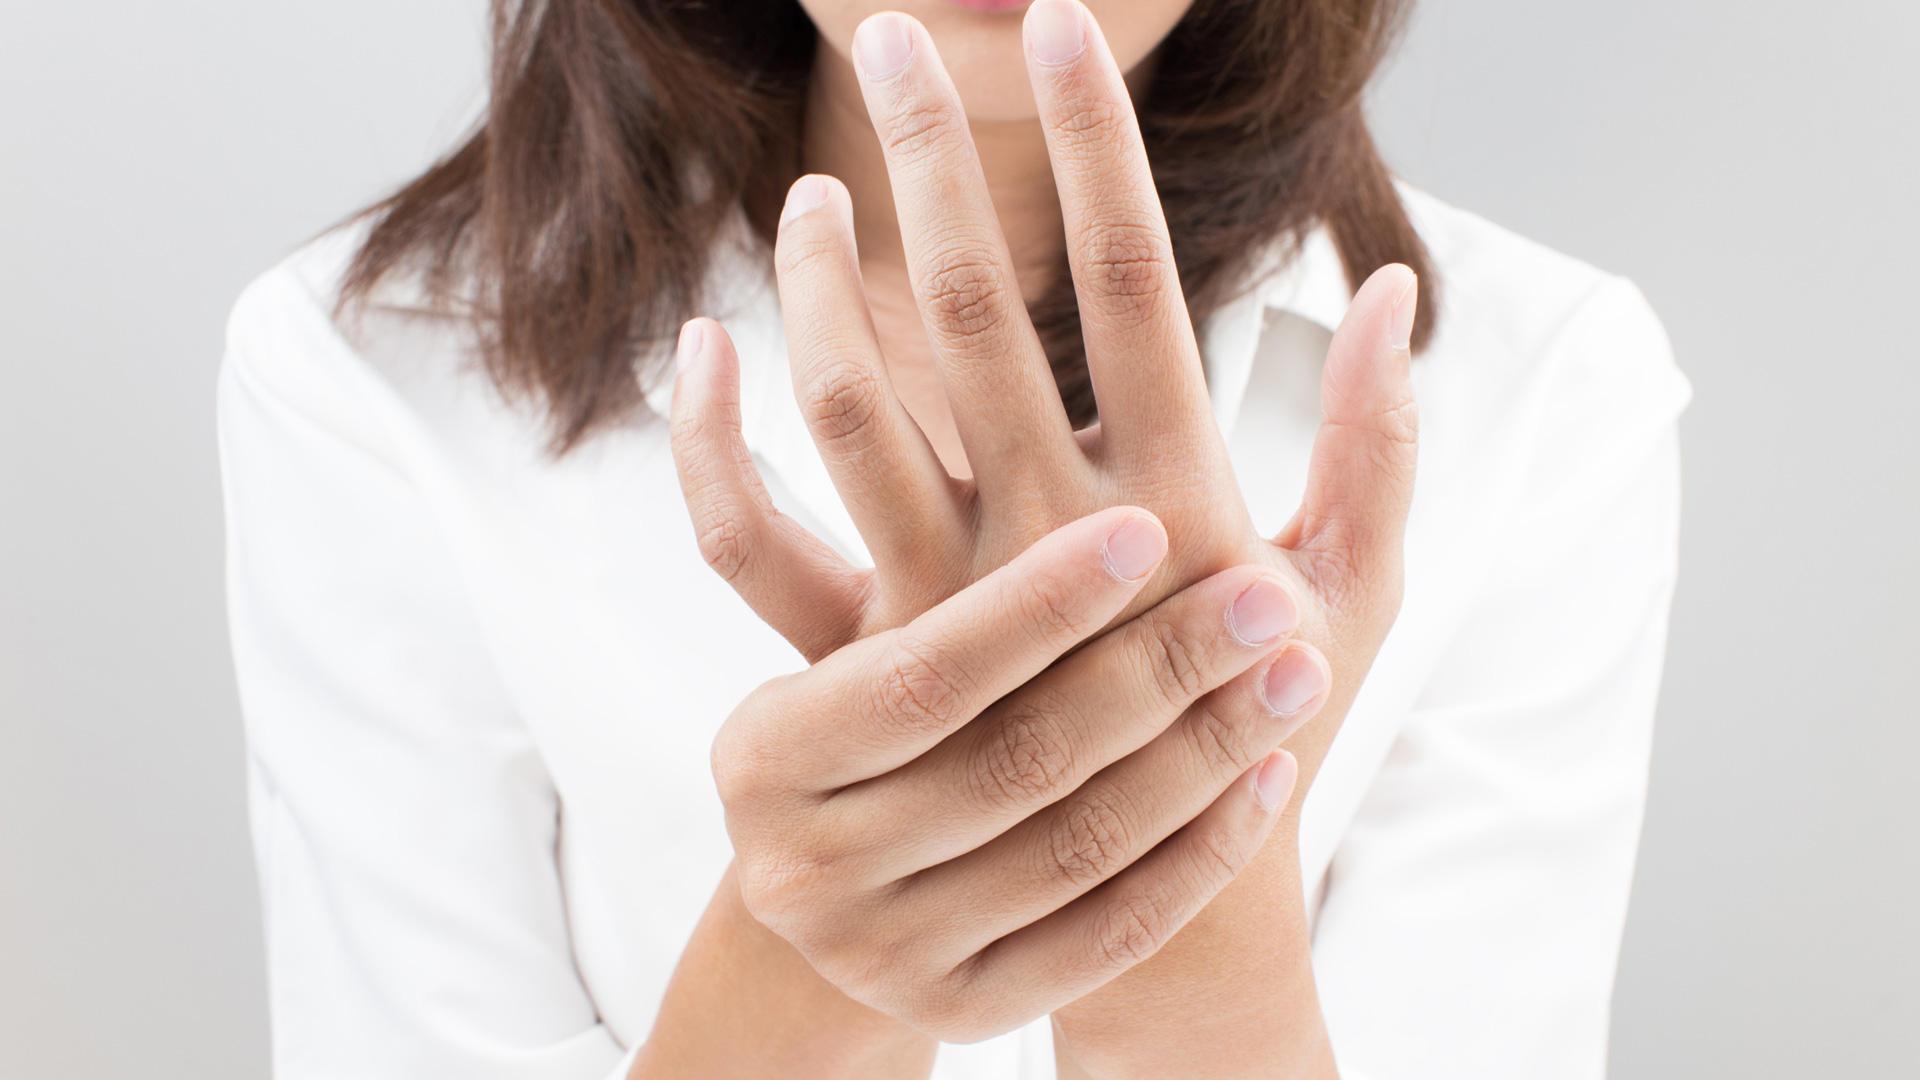 Possiamo considerare l'artrite psoriasica come una